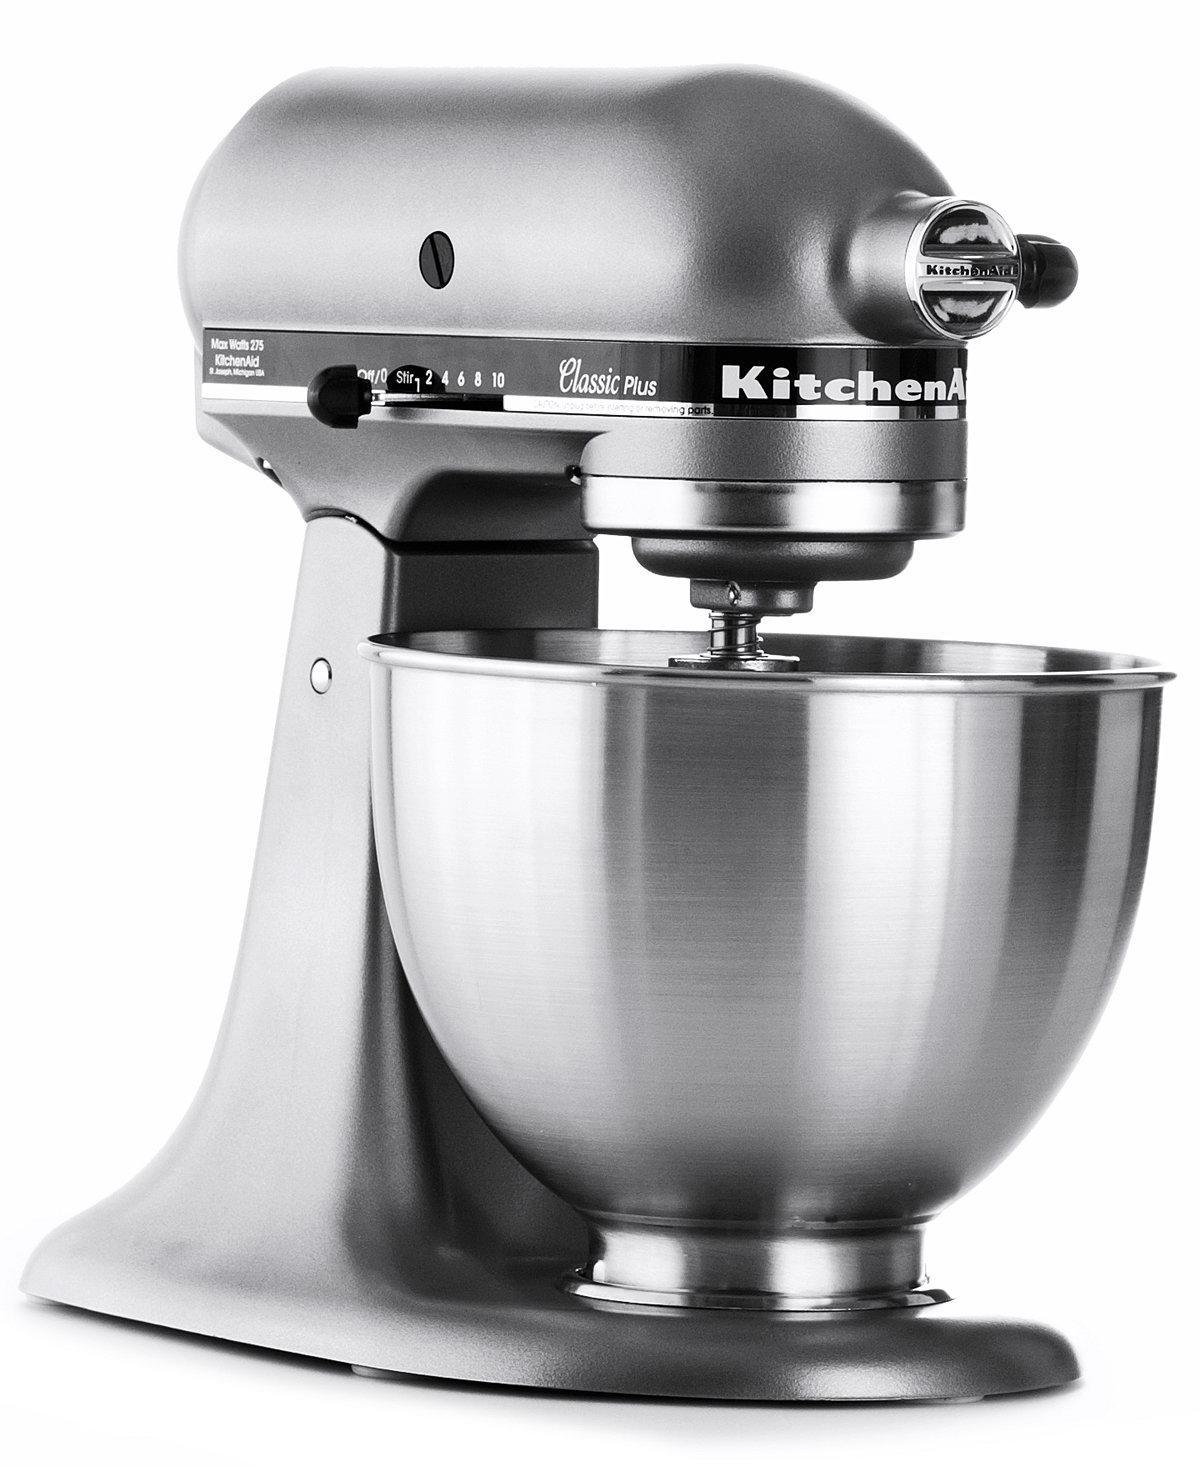 39% off KitchenAid KSM75SL 4.5 Qt. Classic Plus Stand Mixer